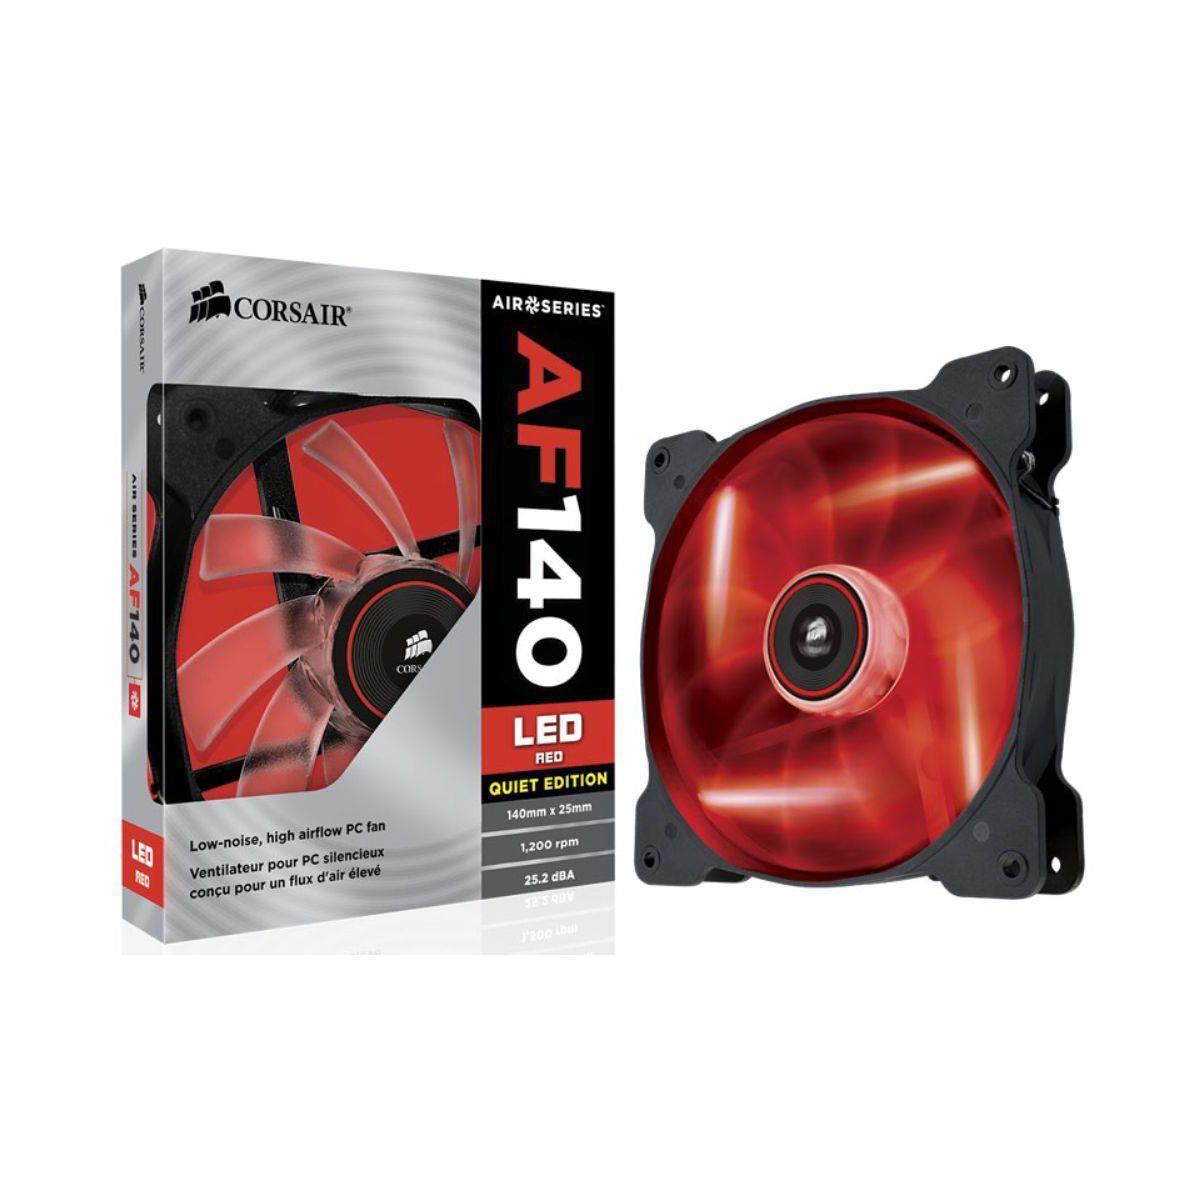 Ventilateur antec led fan af140-led, red - 20% de remise immédiate avec le code : cool20